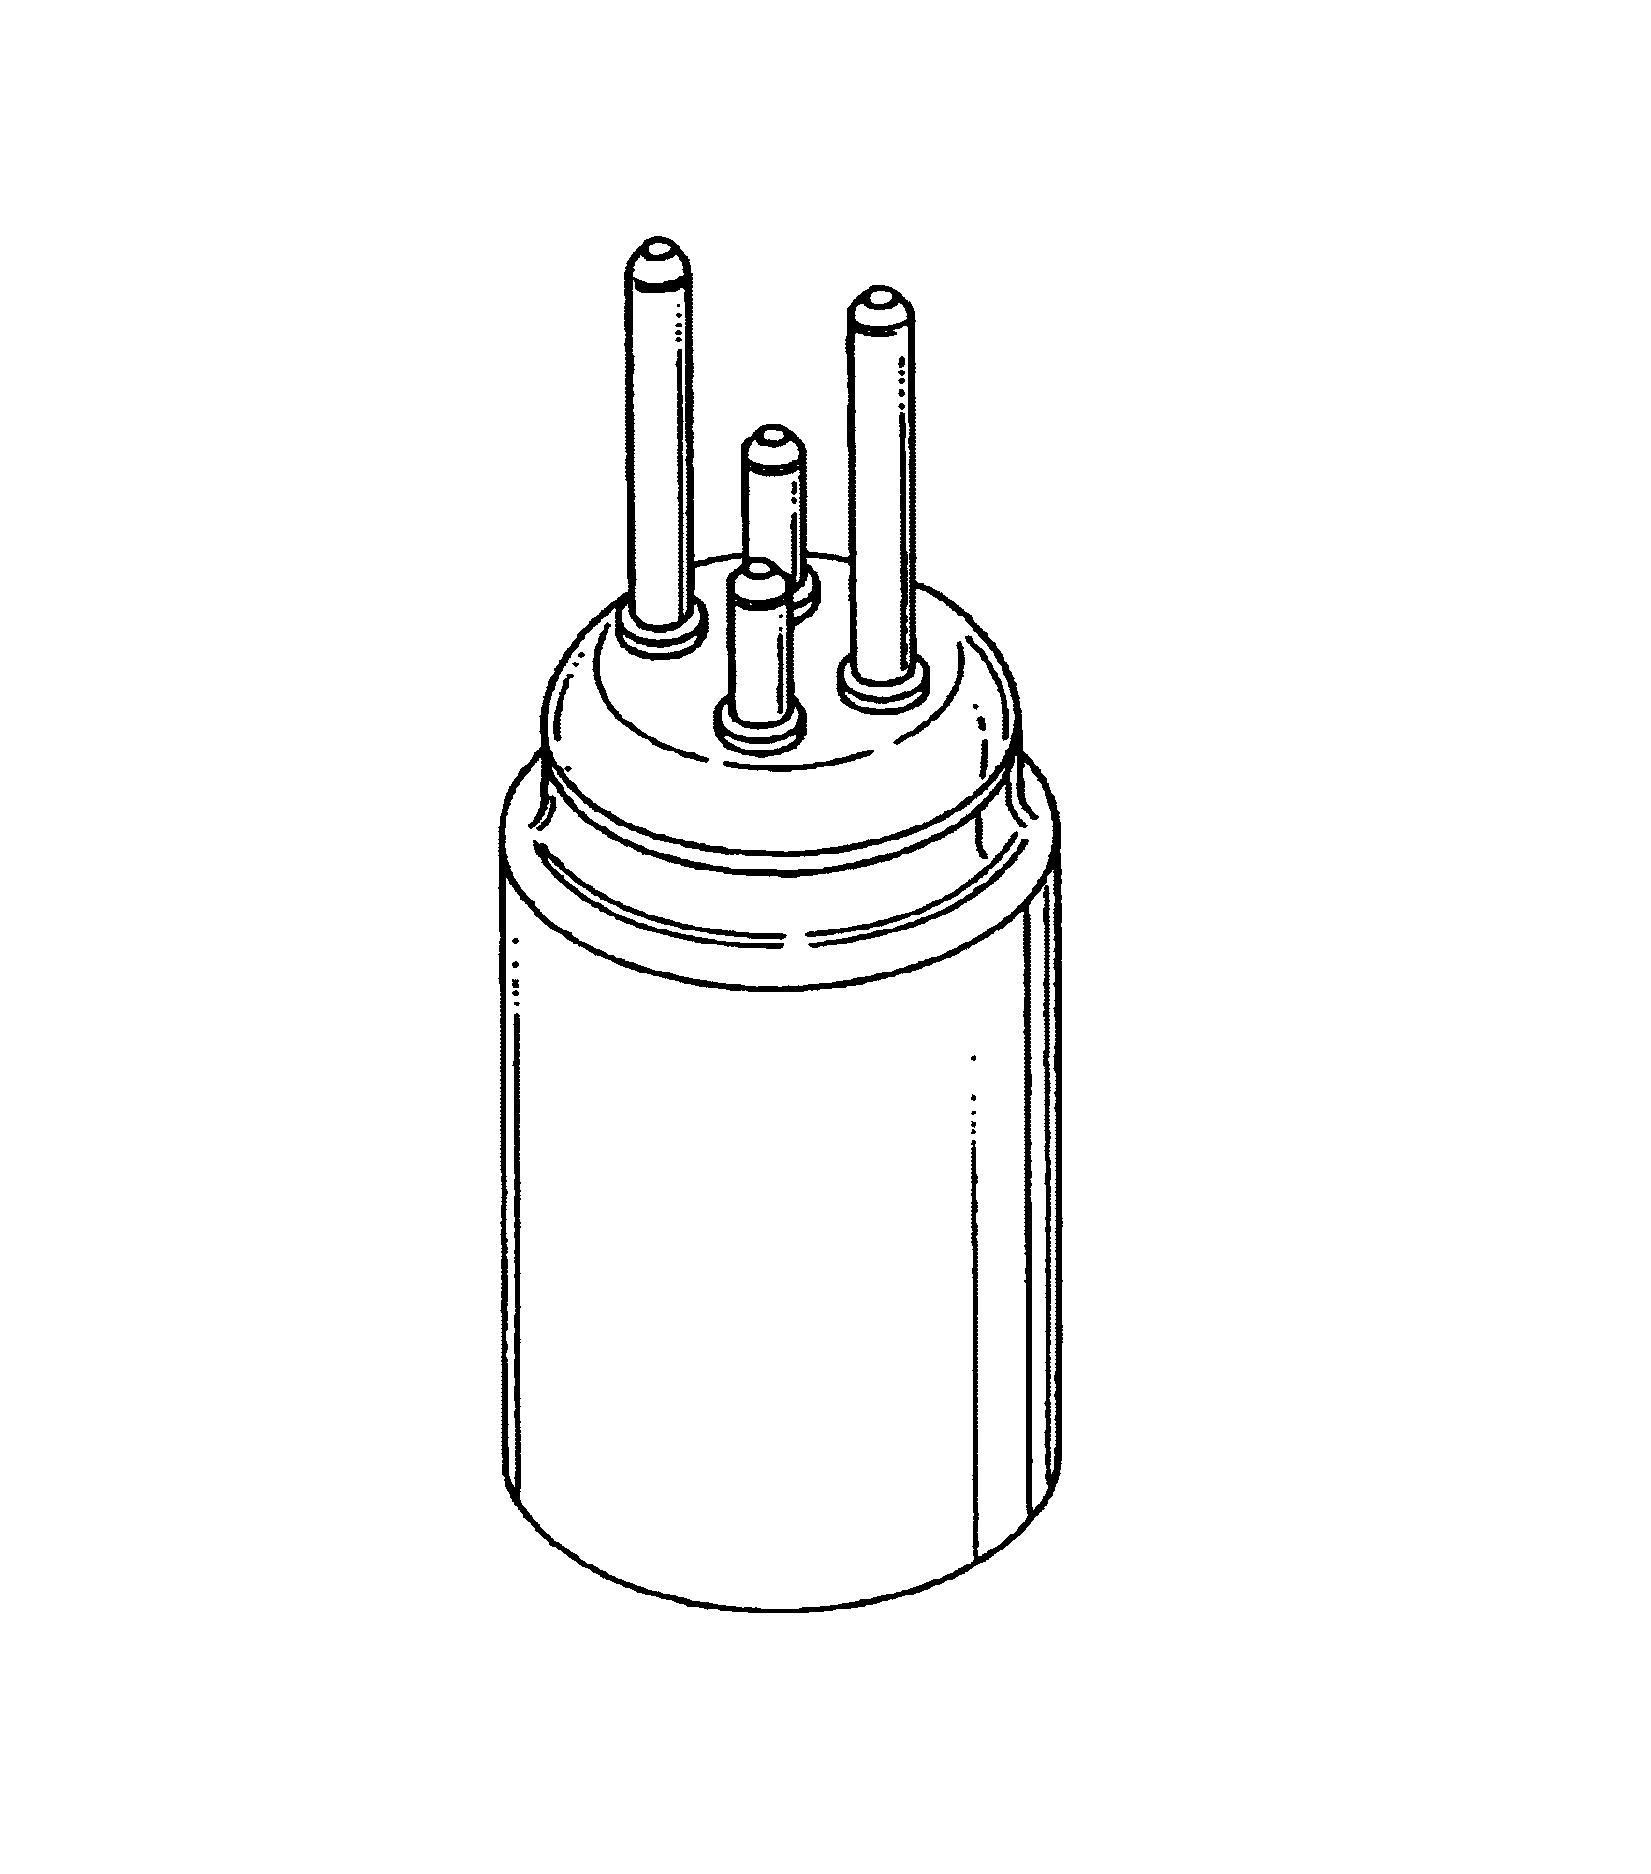 简笔画 瓶子 手绘 线稿